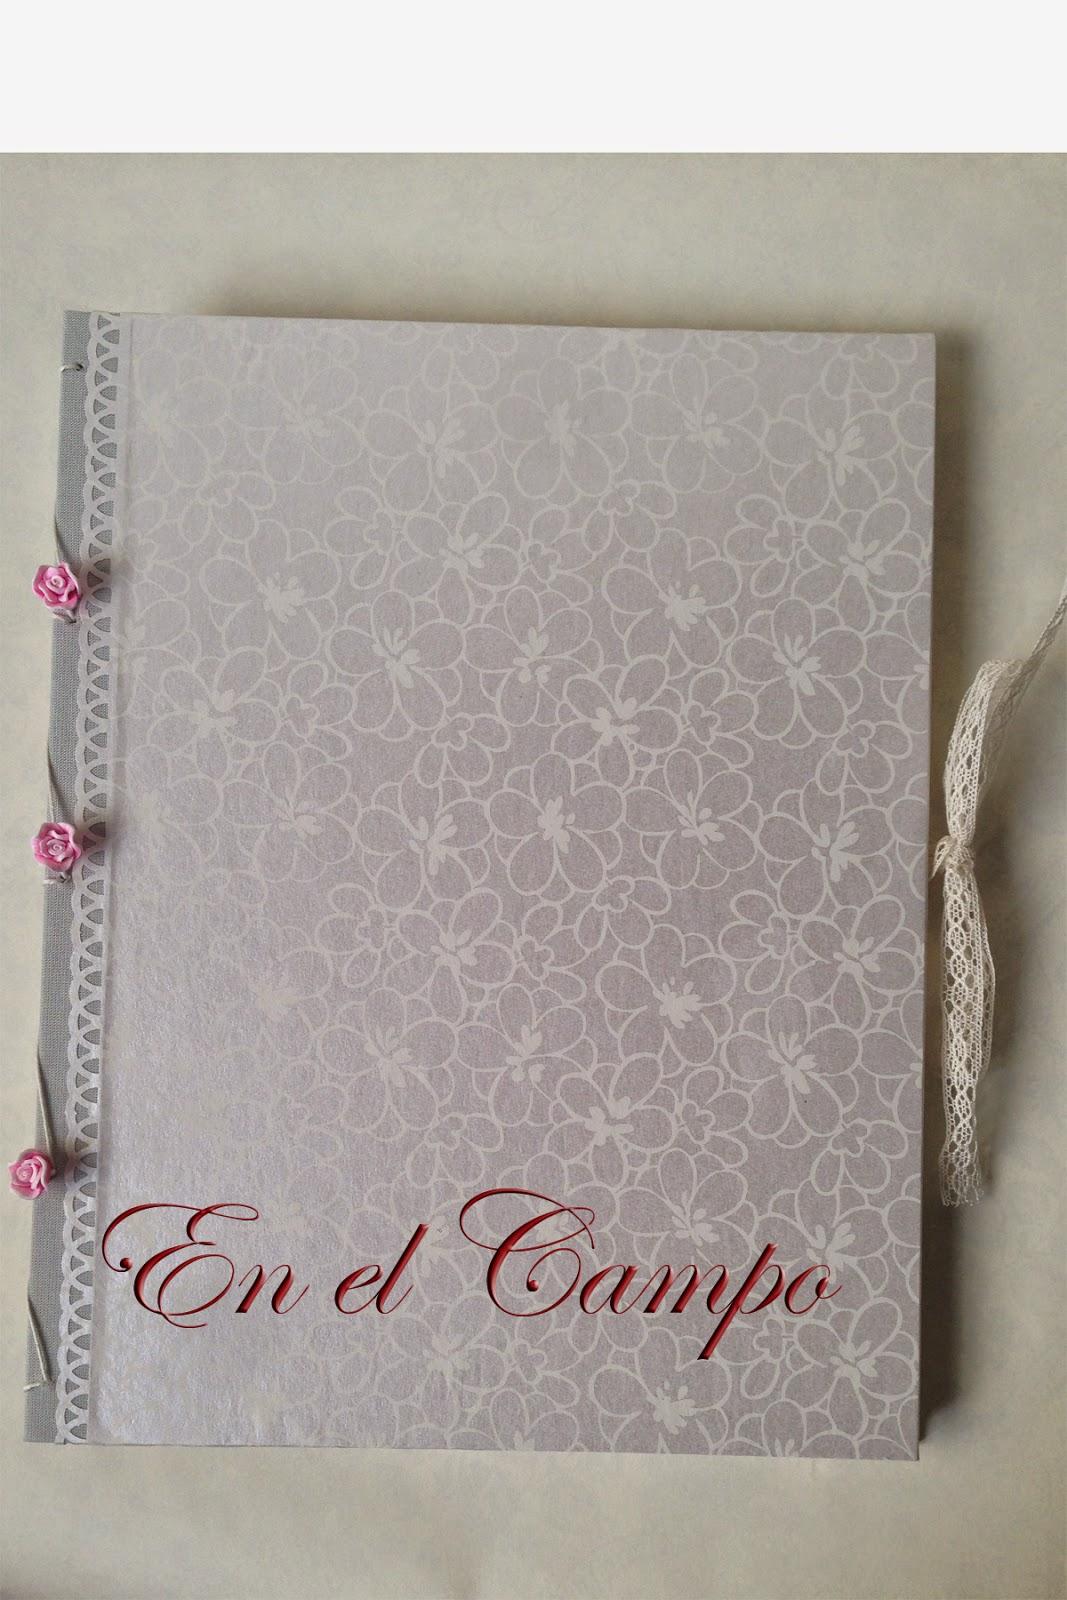 libro de firmas encuadernado a mano con cosido copto para boda coptic bookbinding guest book wedding